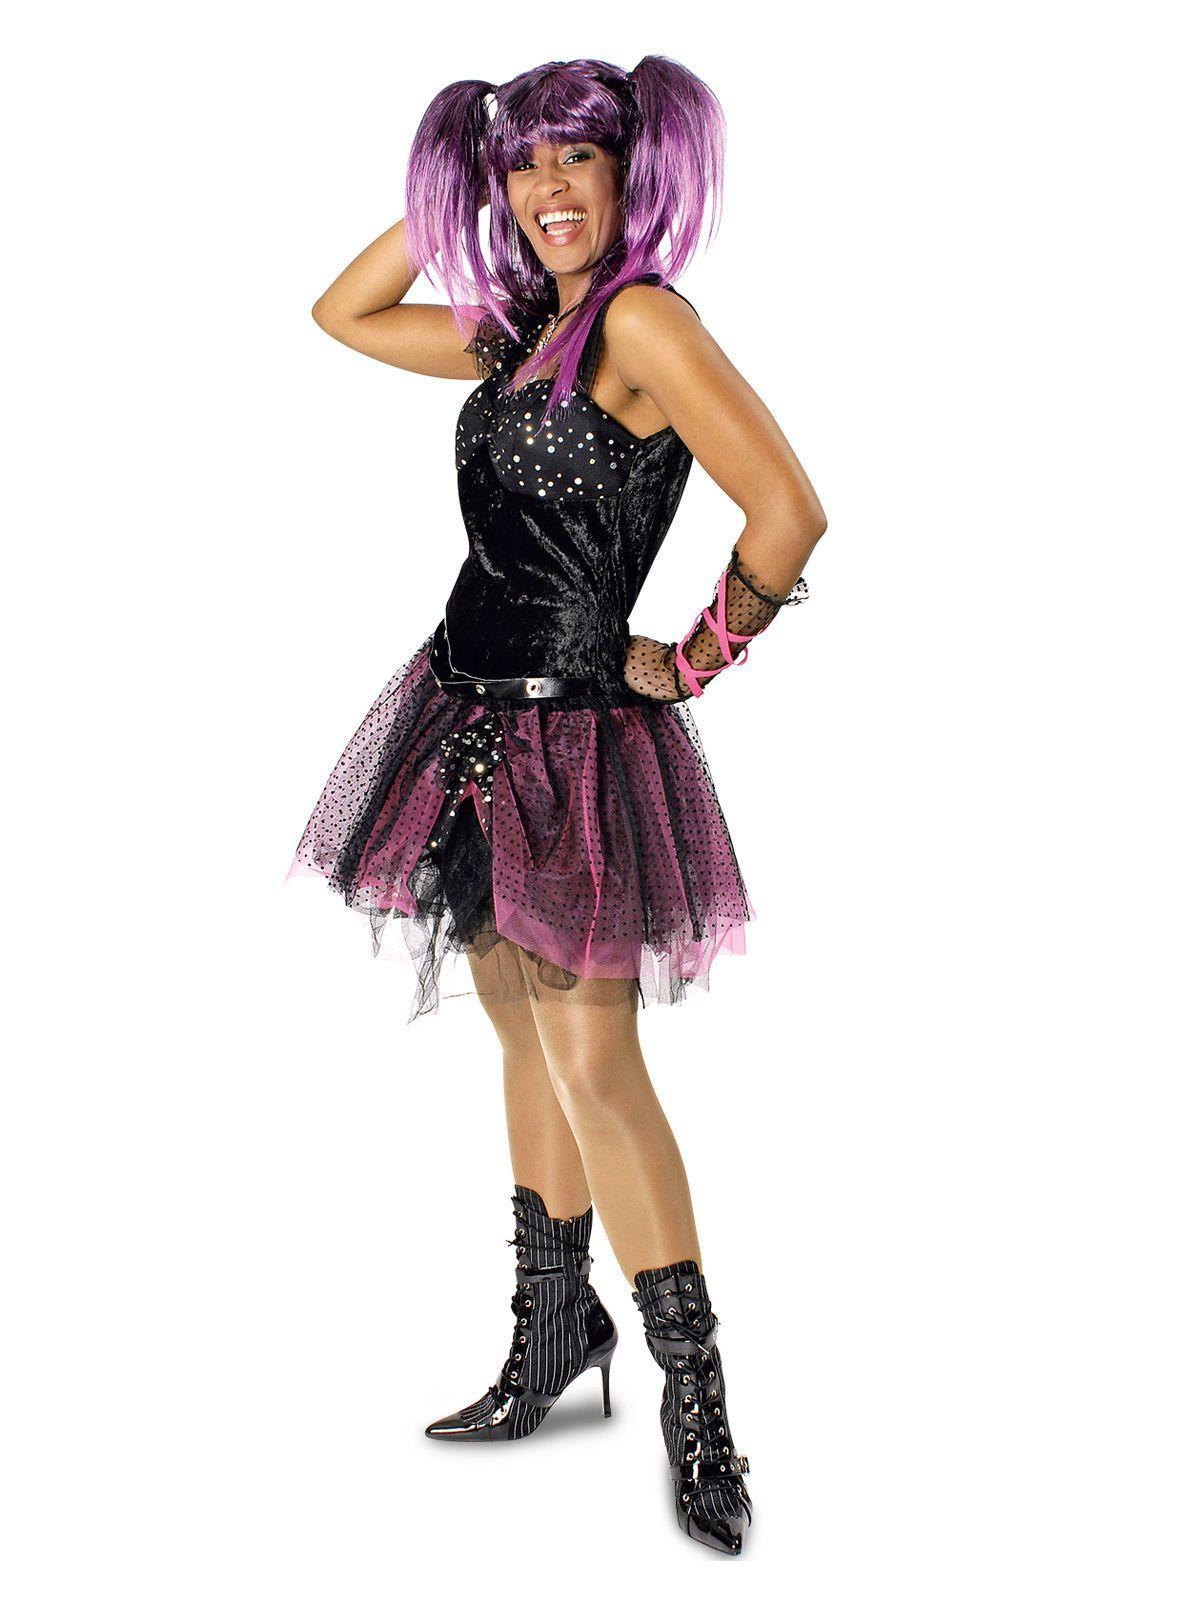 , 80er Jahre Punkerin Damenkostüm Gothic schwarz-pink, aus unserer Kategorie 80er Jahre Kostüme. Diese Punk-Lady lässt es immer ordentlich krachen! E…, My Pop Star Kda Blog, My Pop Star Kda Blog